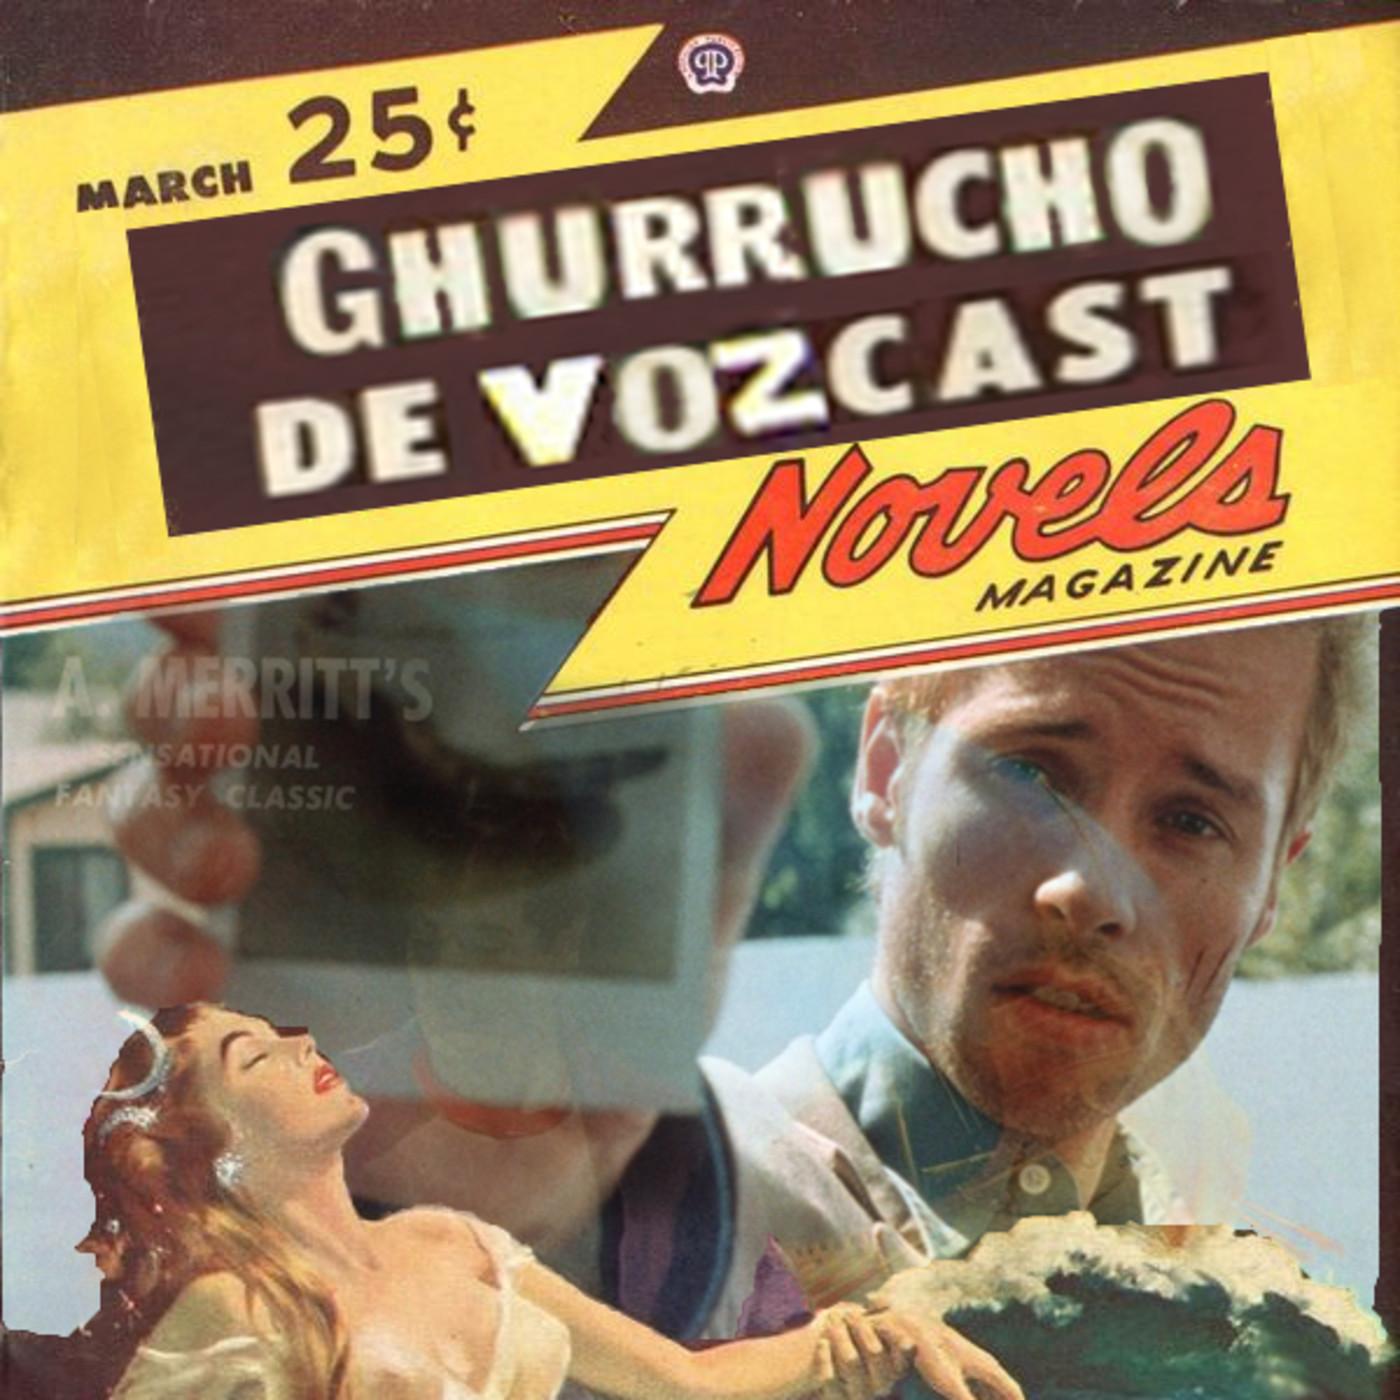 Gurrucho Nolan e Mente. Podcast en Galego